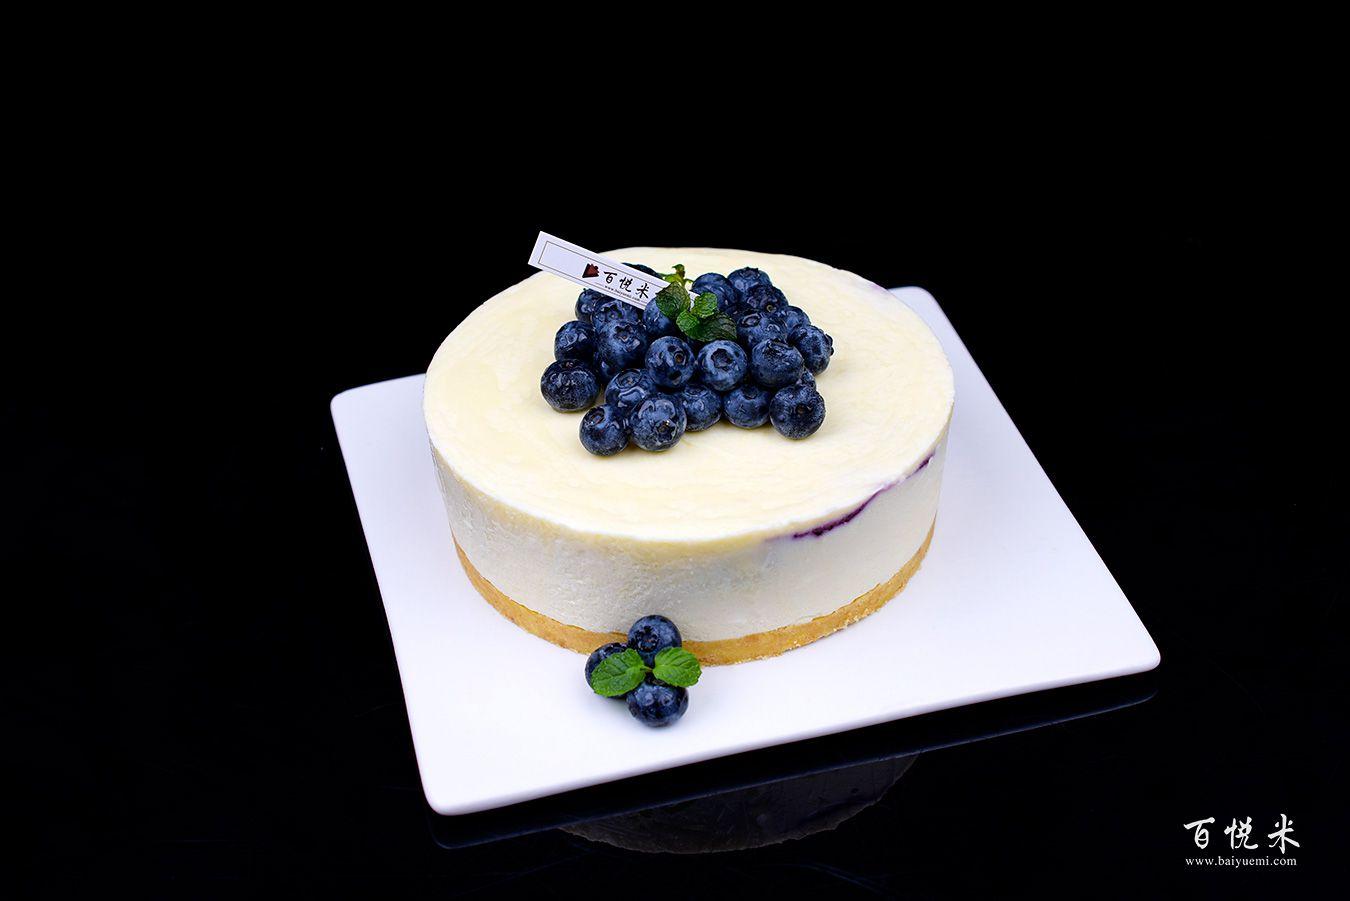 重芝士蛋糕高清图片大全【蛋糕图片】_512